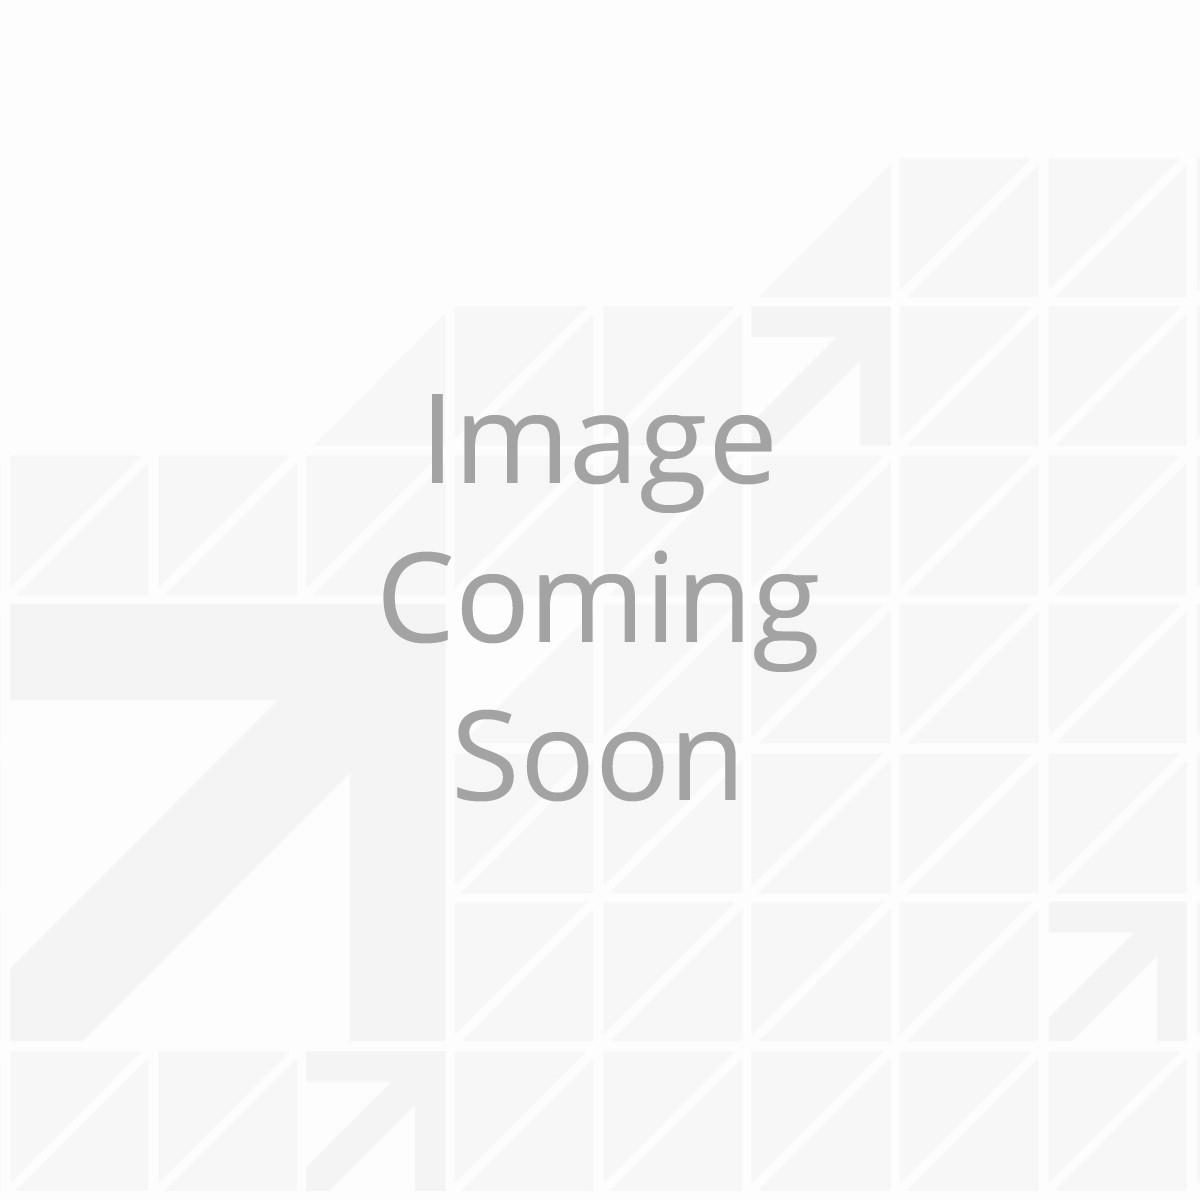 167598_Hinge-Cap_001